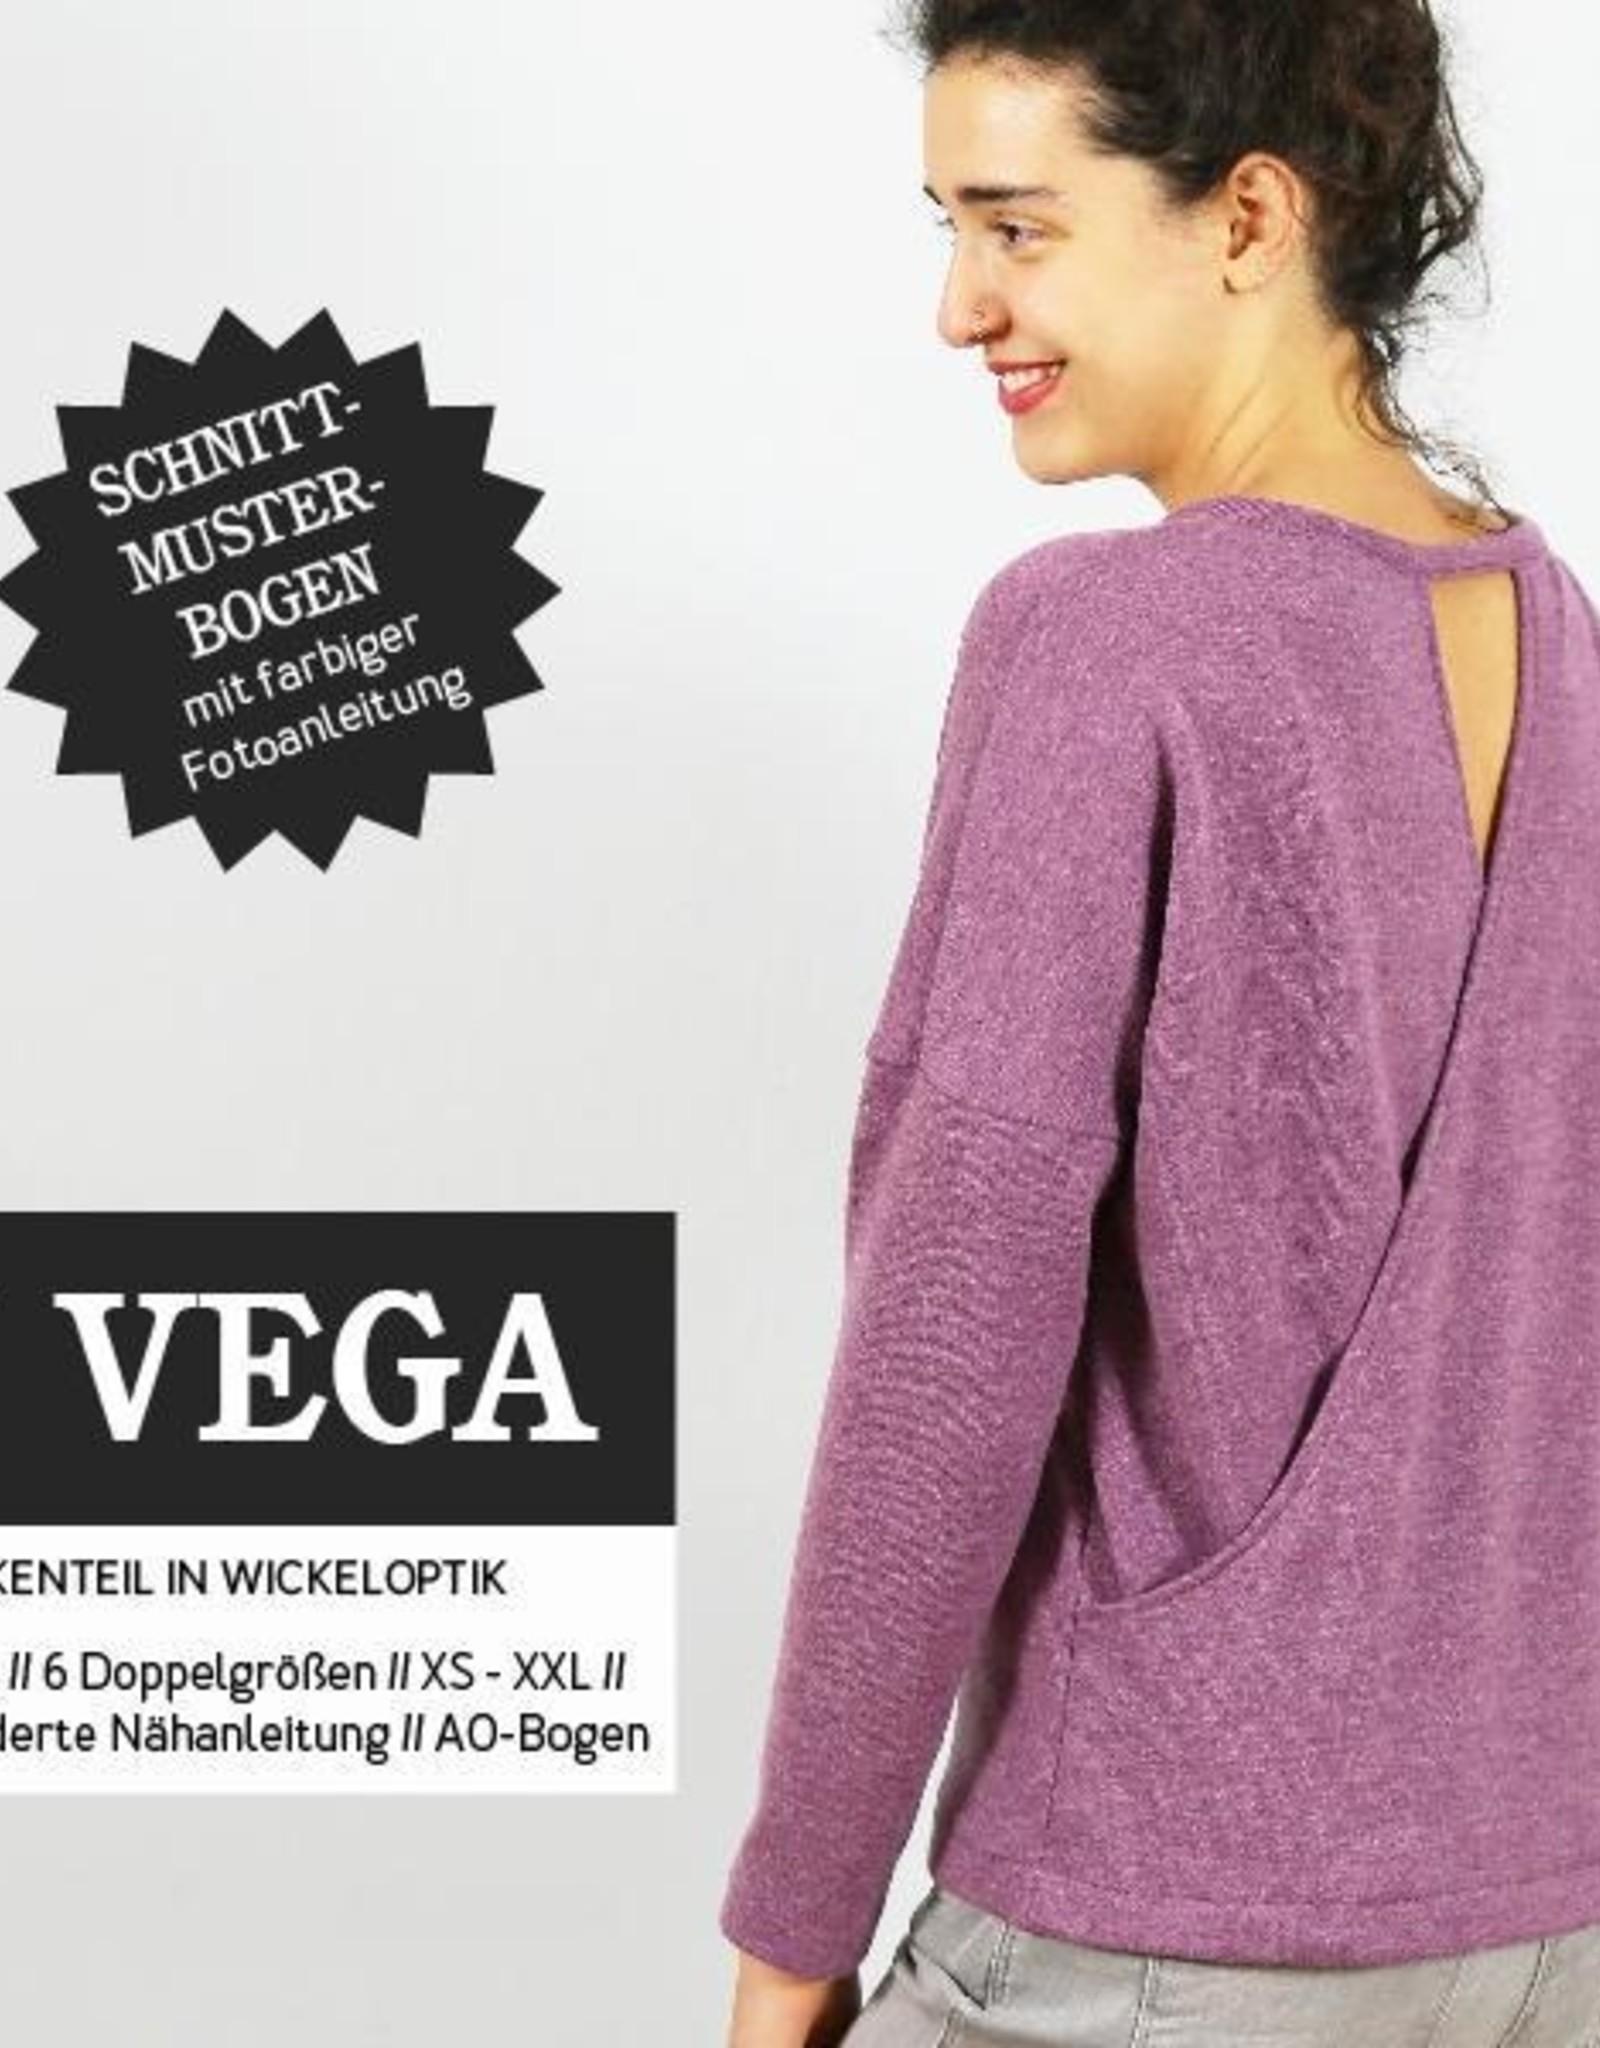 Frau Vega